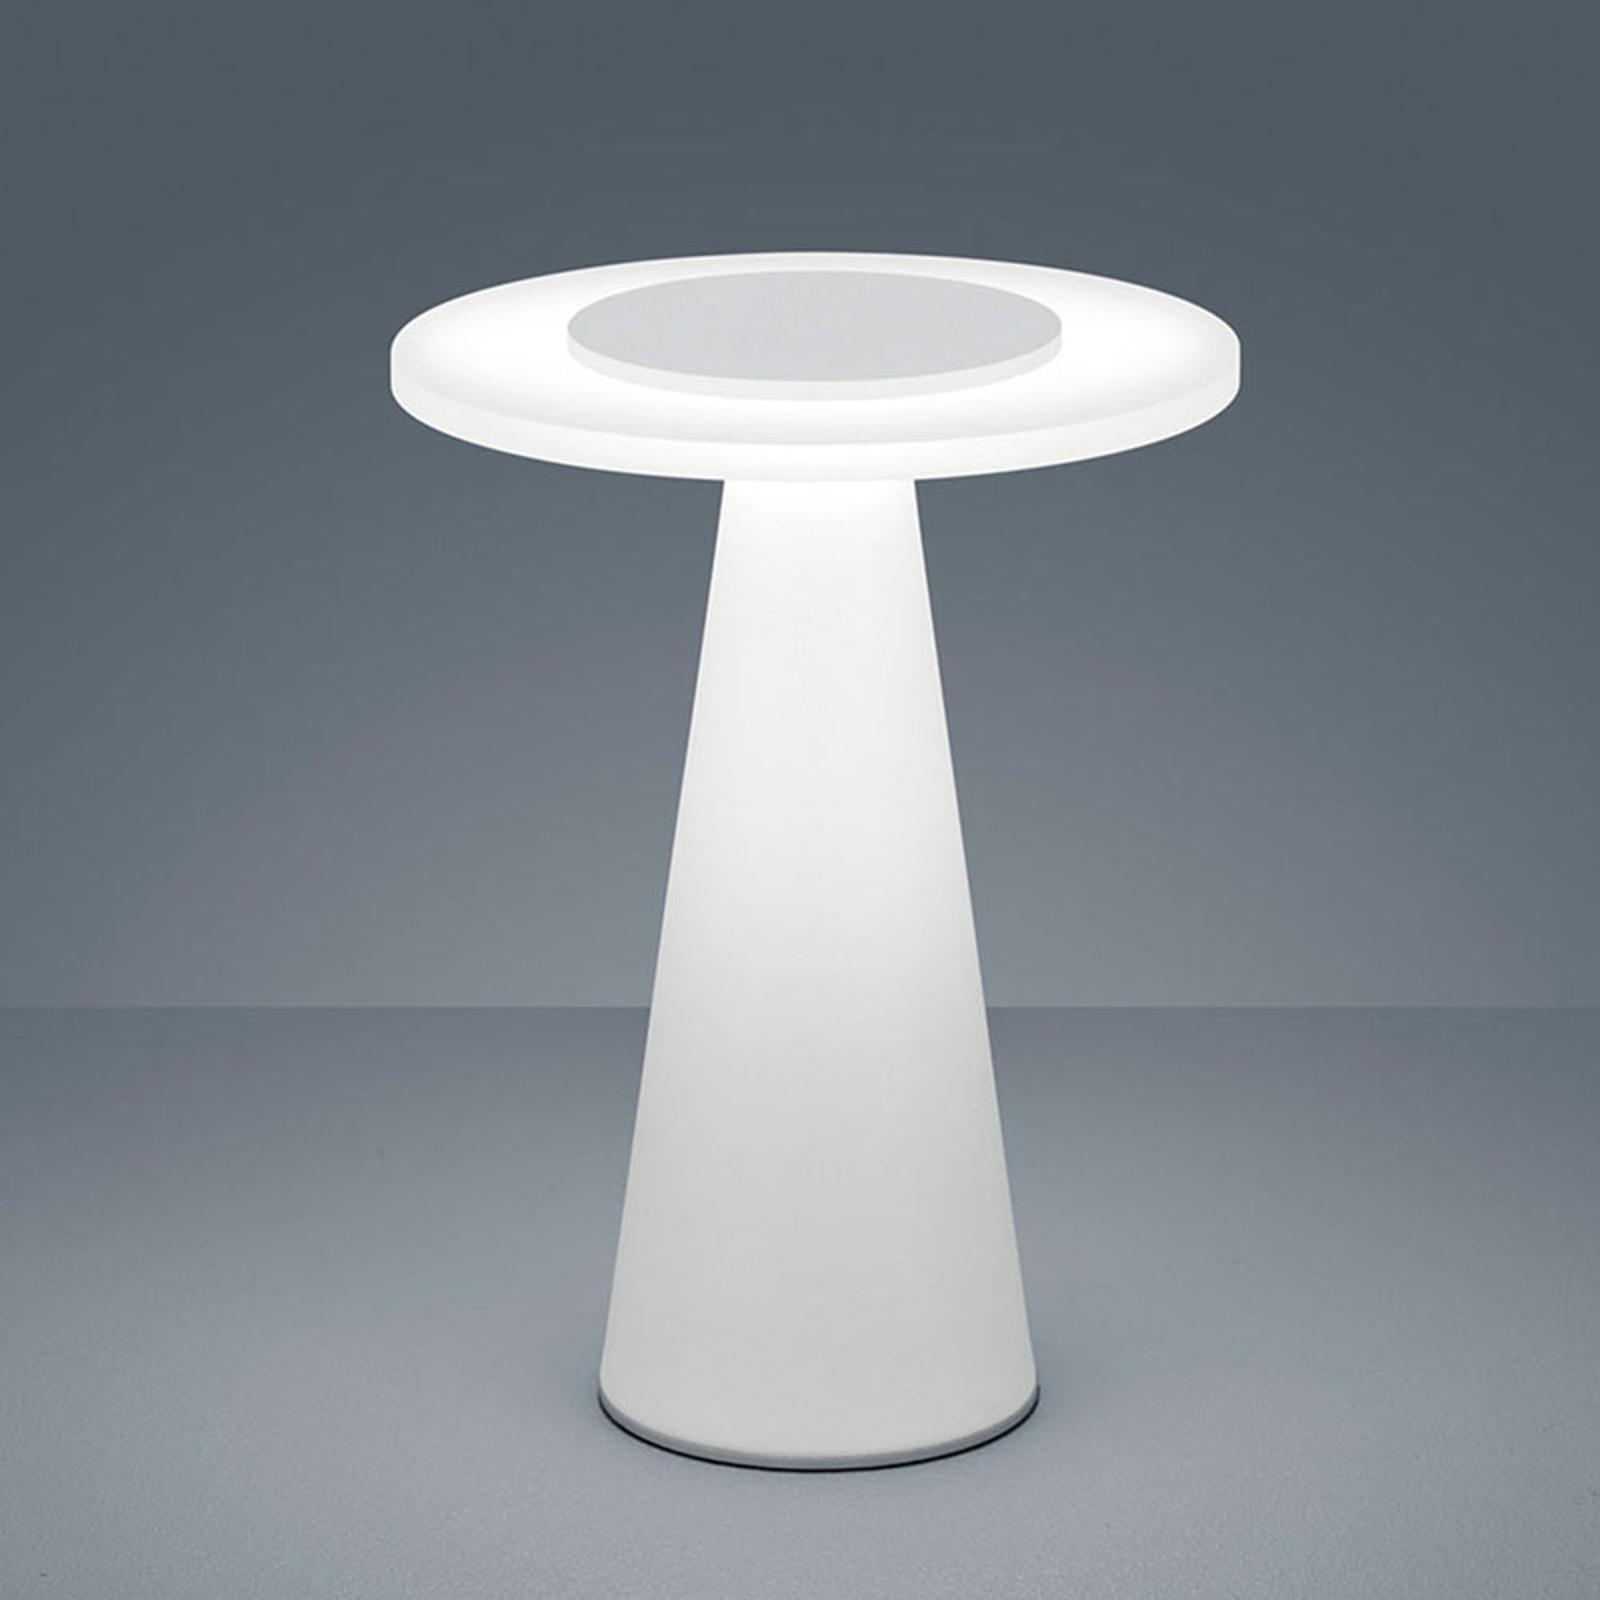 Helestra Bax lampa stołowa ze ściemniaczem, biała